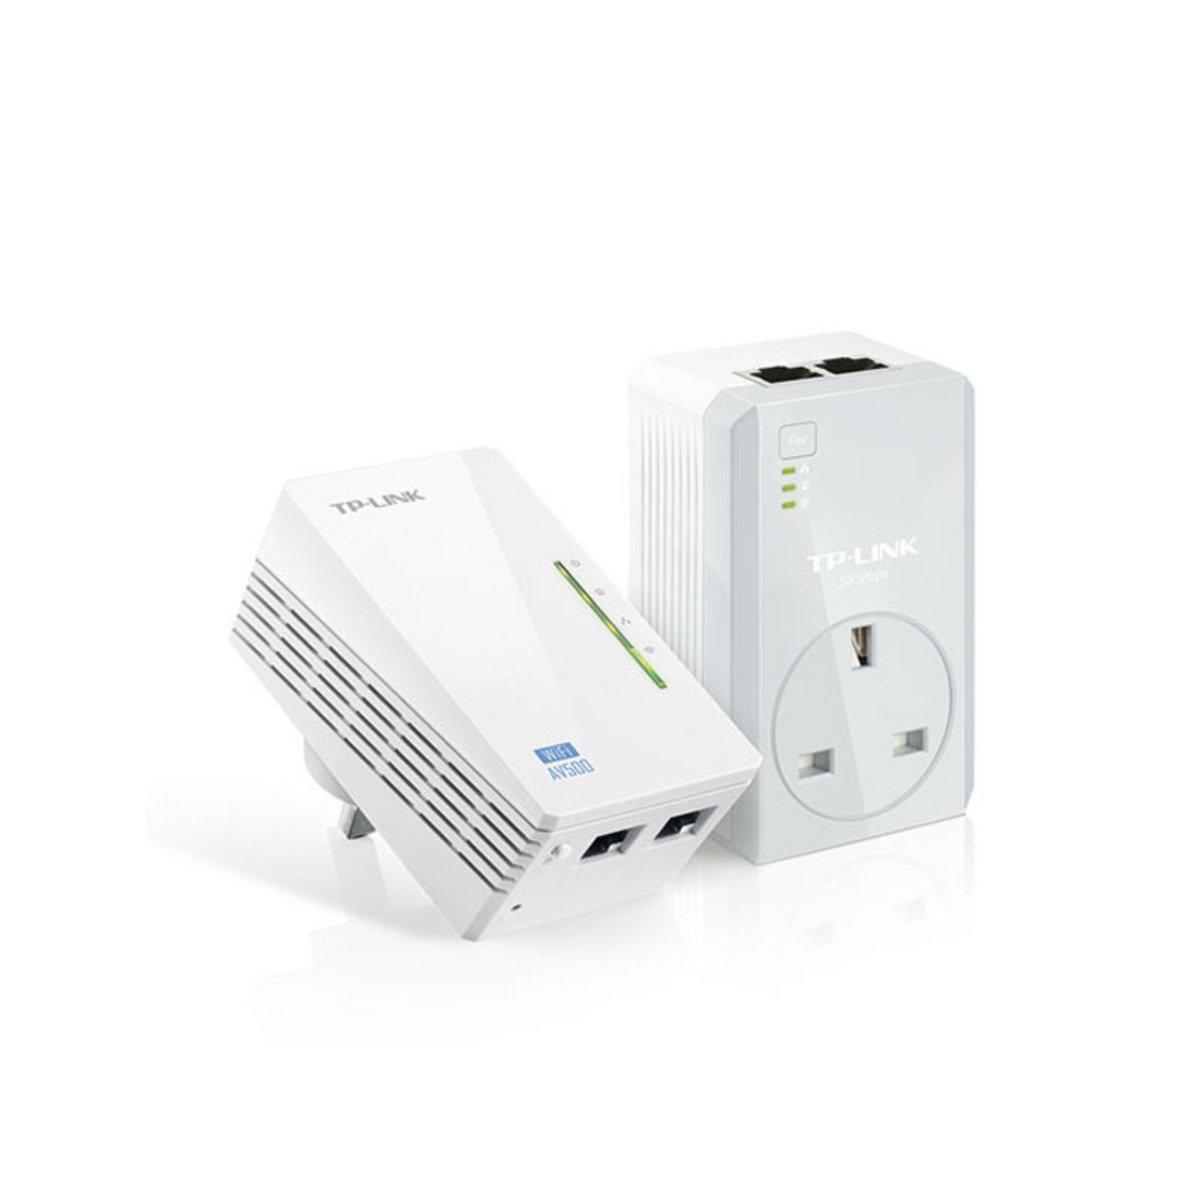 AV 500Mbps 無線WiFi HomePlug 電力網絡 WPA4226KIT